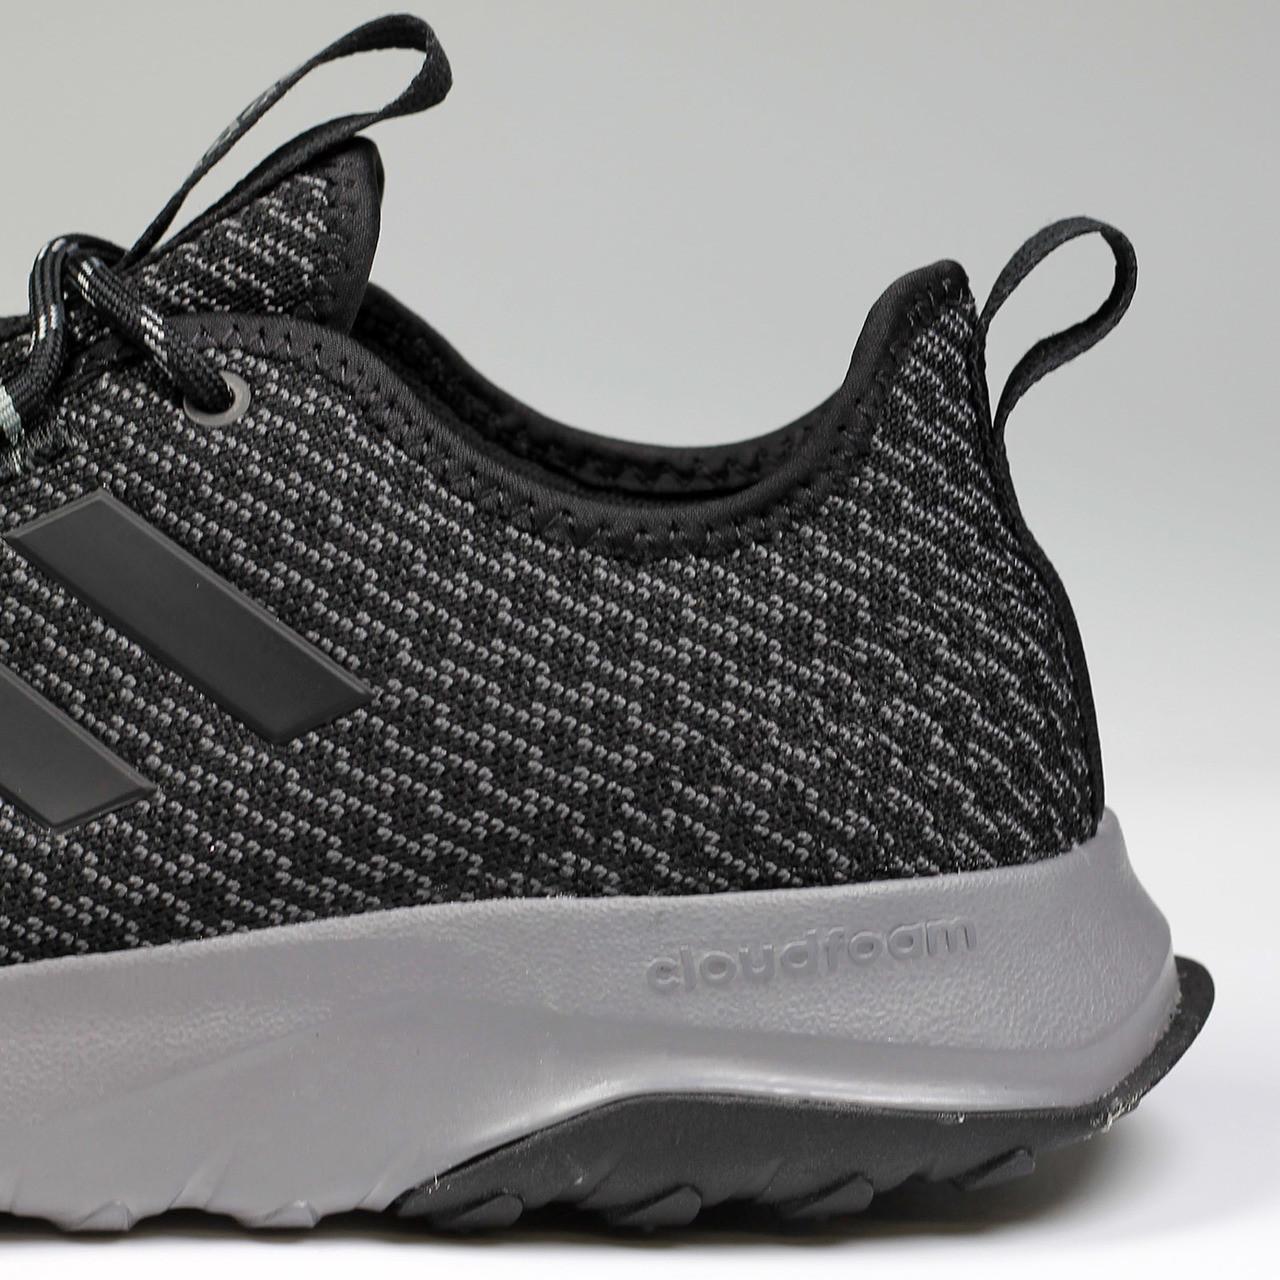 size 40 01a4a 3fe14 Adidas Tr Sneakers Mens Superflex Cloudfoam Bc0019 4rqw48x